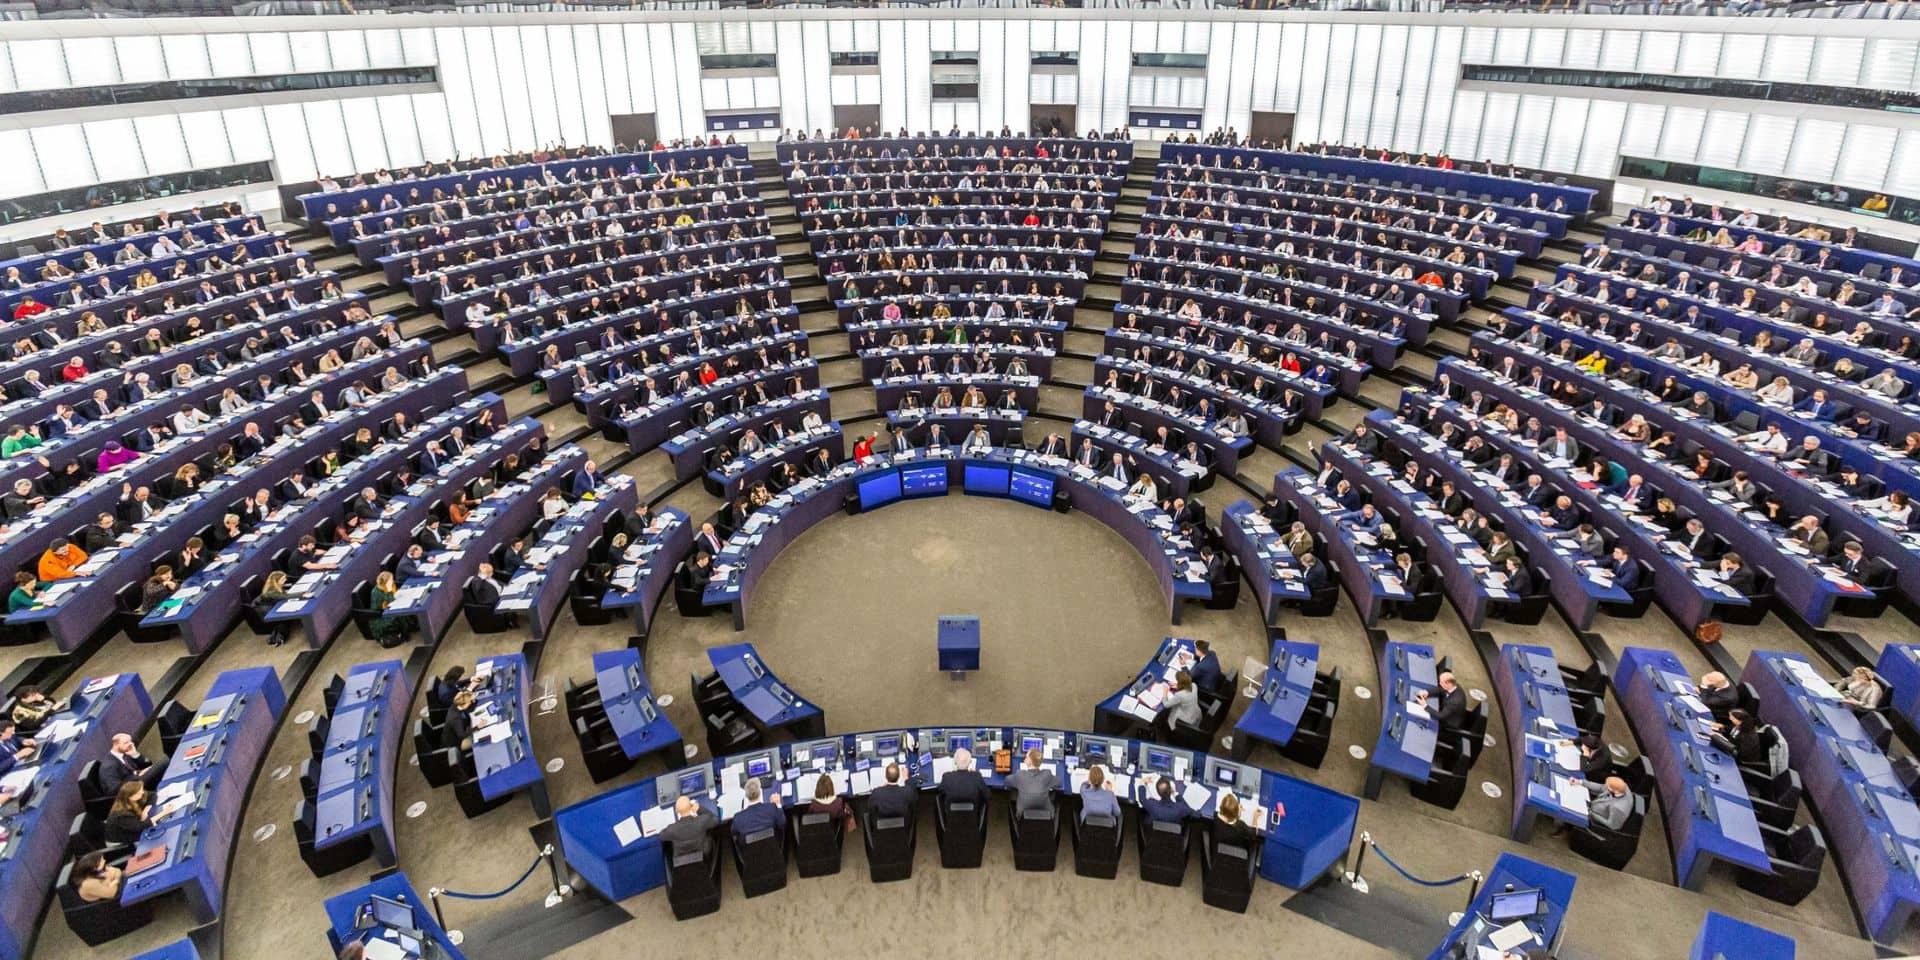 Coronavirus: le Parlement européen à Strasbourg transformé en centre de dépistage